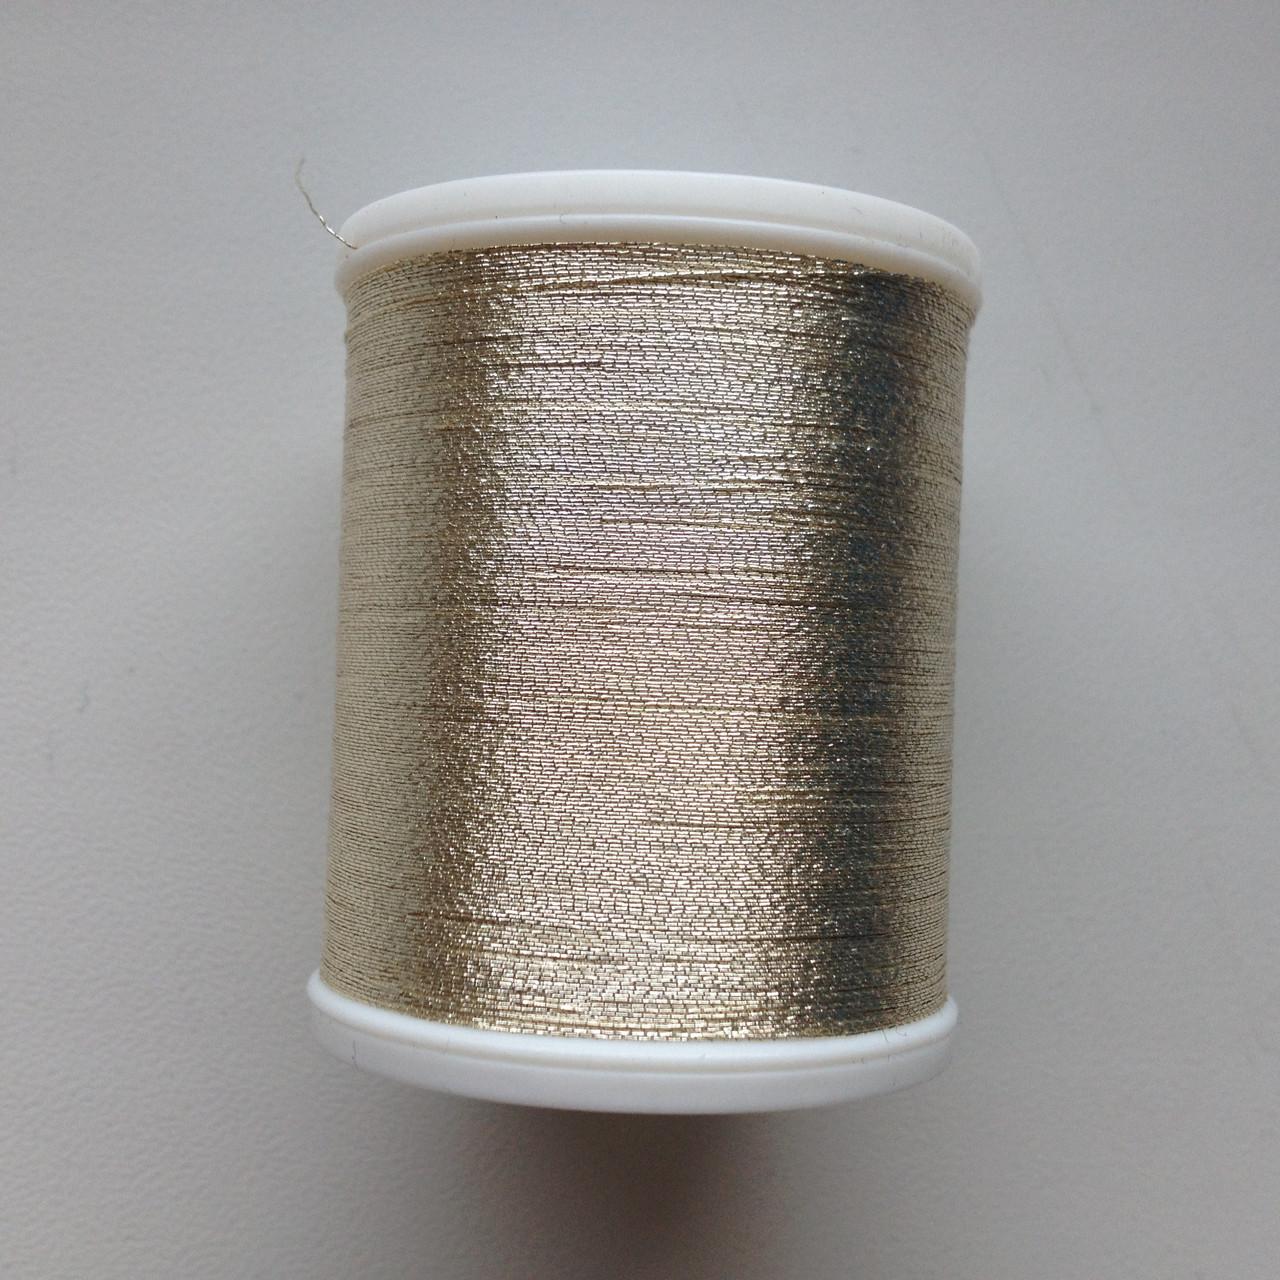 Нитки для машинной вышивки   Madeira Metallic  №40.  цвет 4022 ( Белое Золото).   1000 м